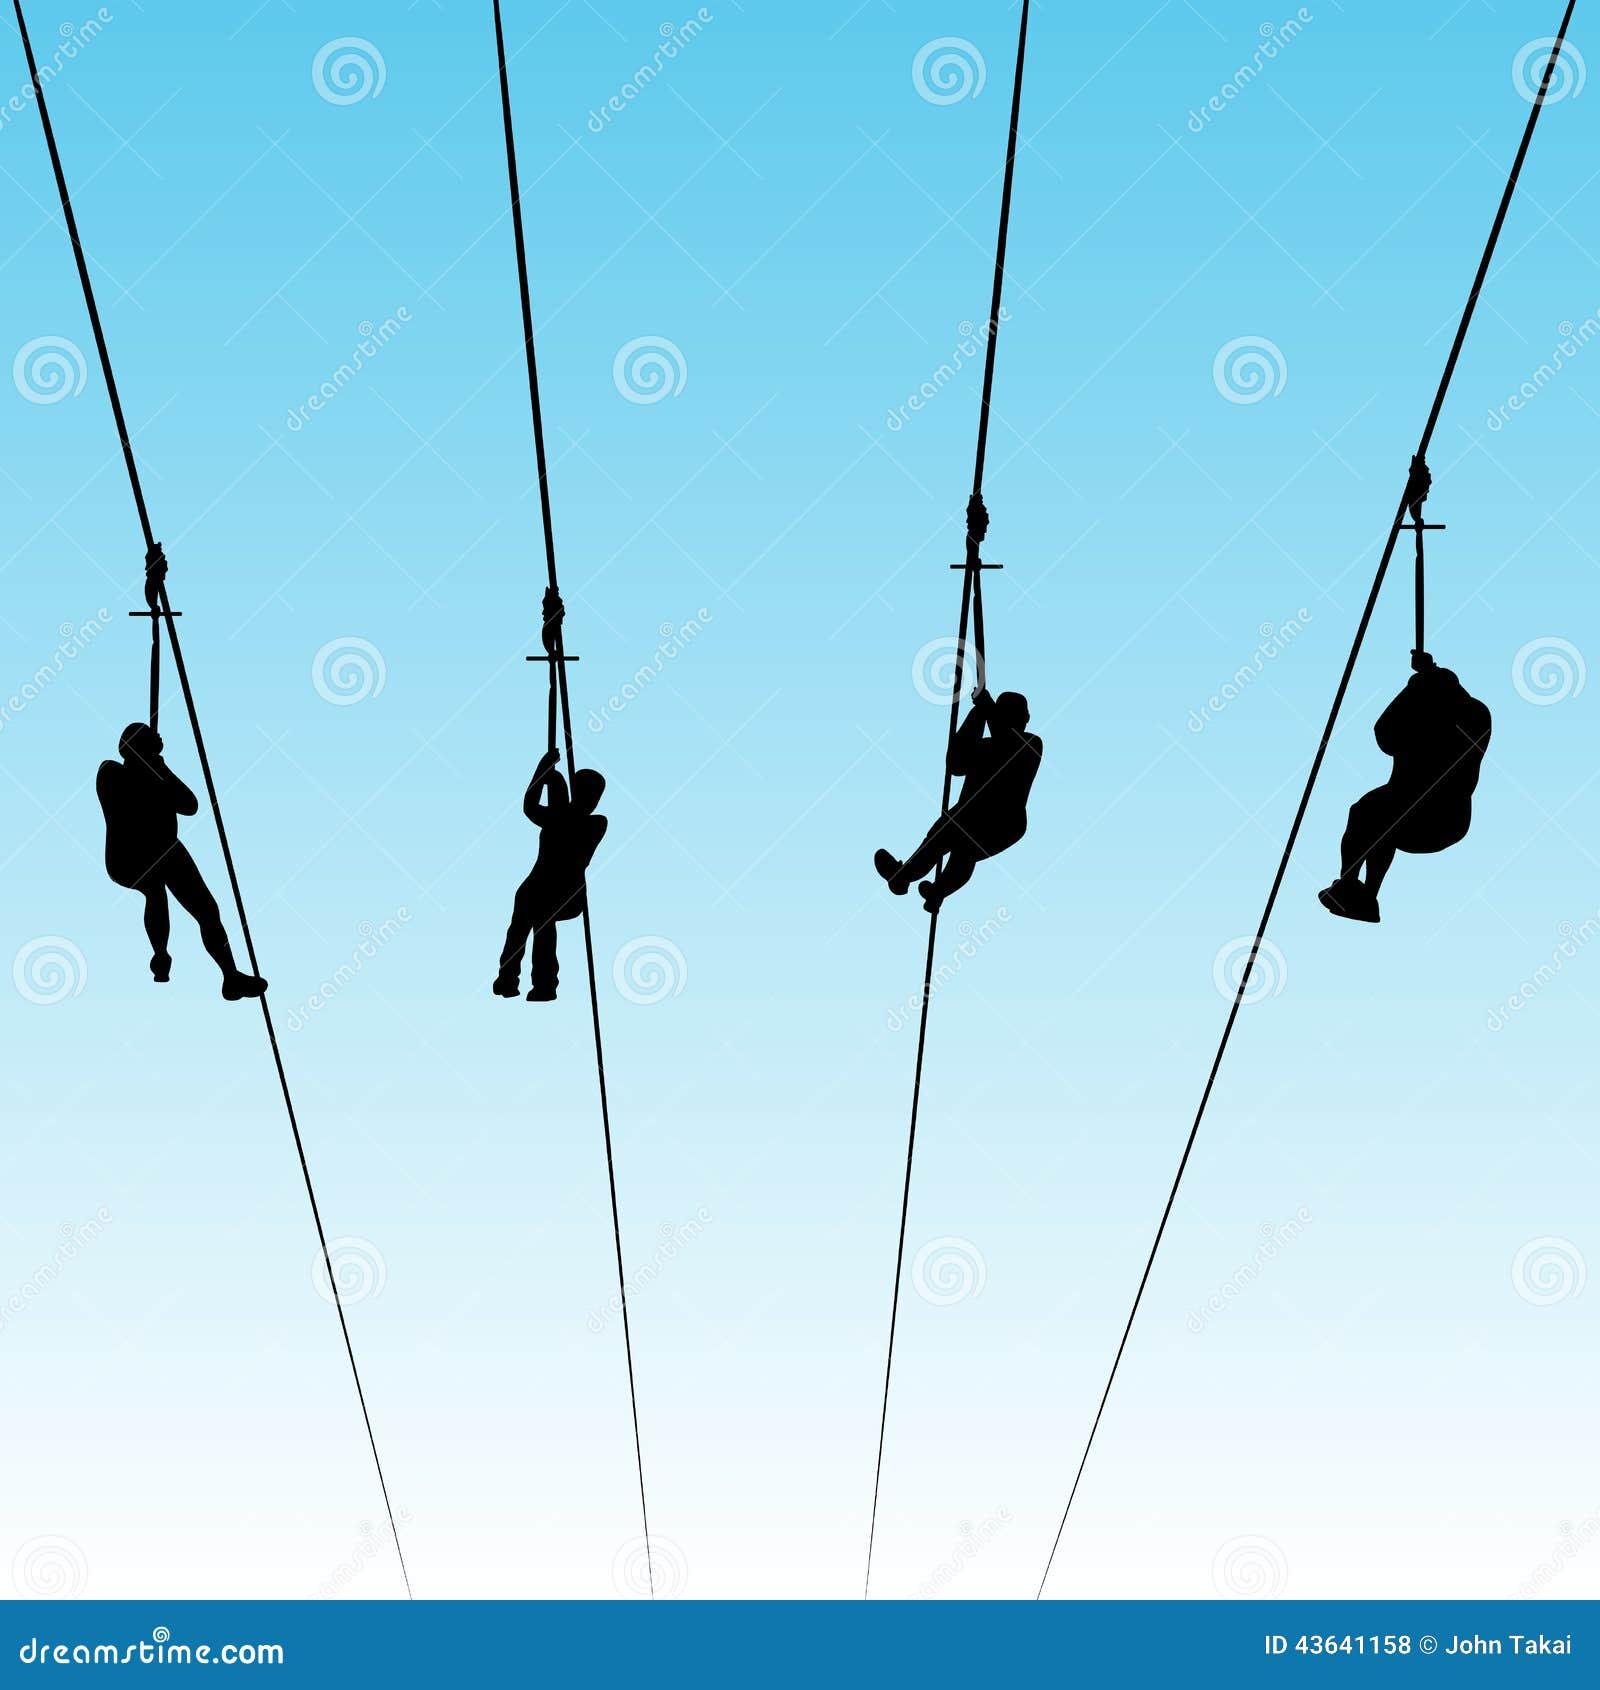 Zip Line Clipart : Zip line race stock vector image